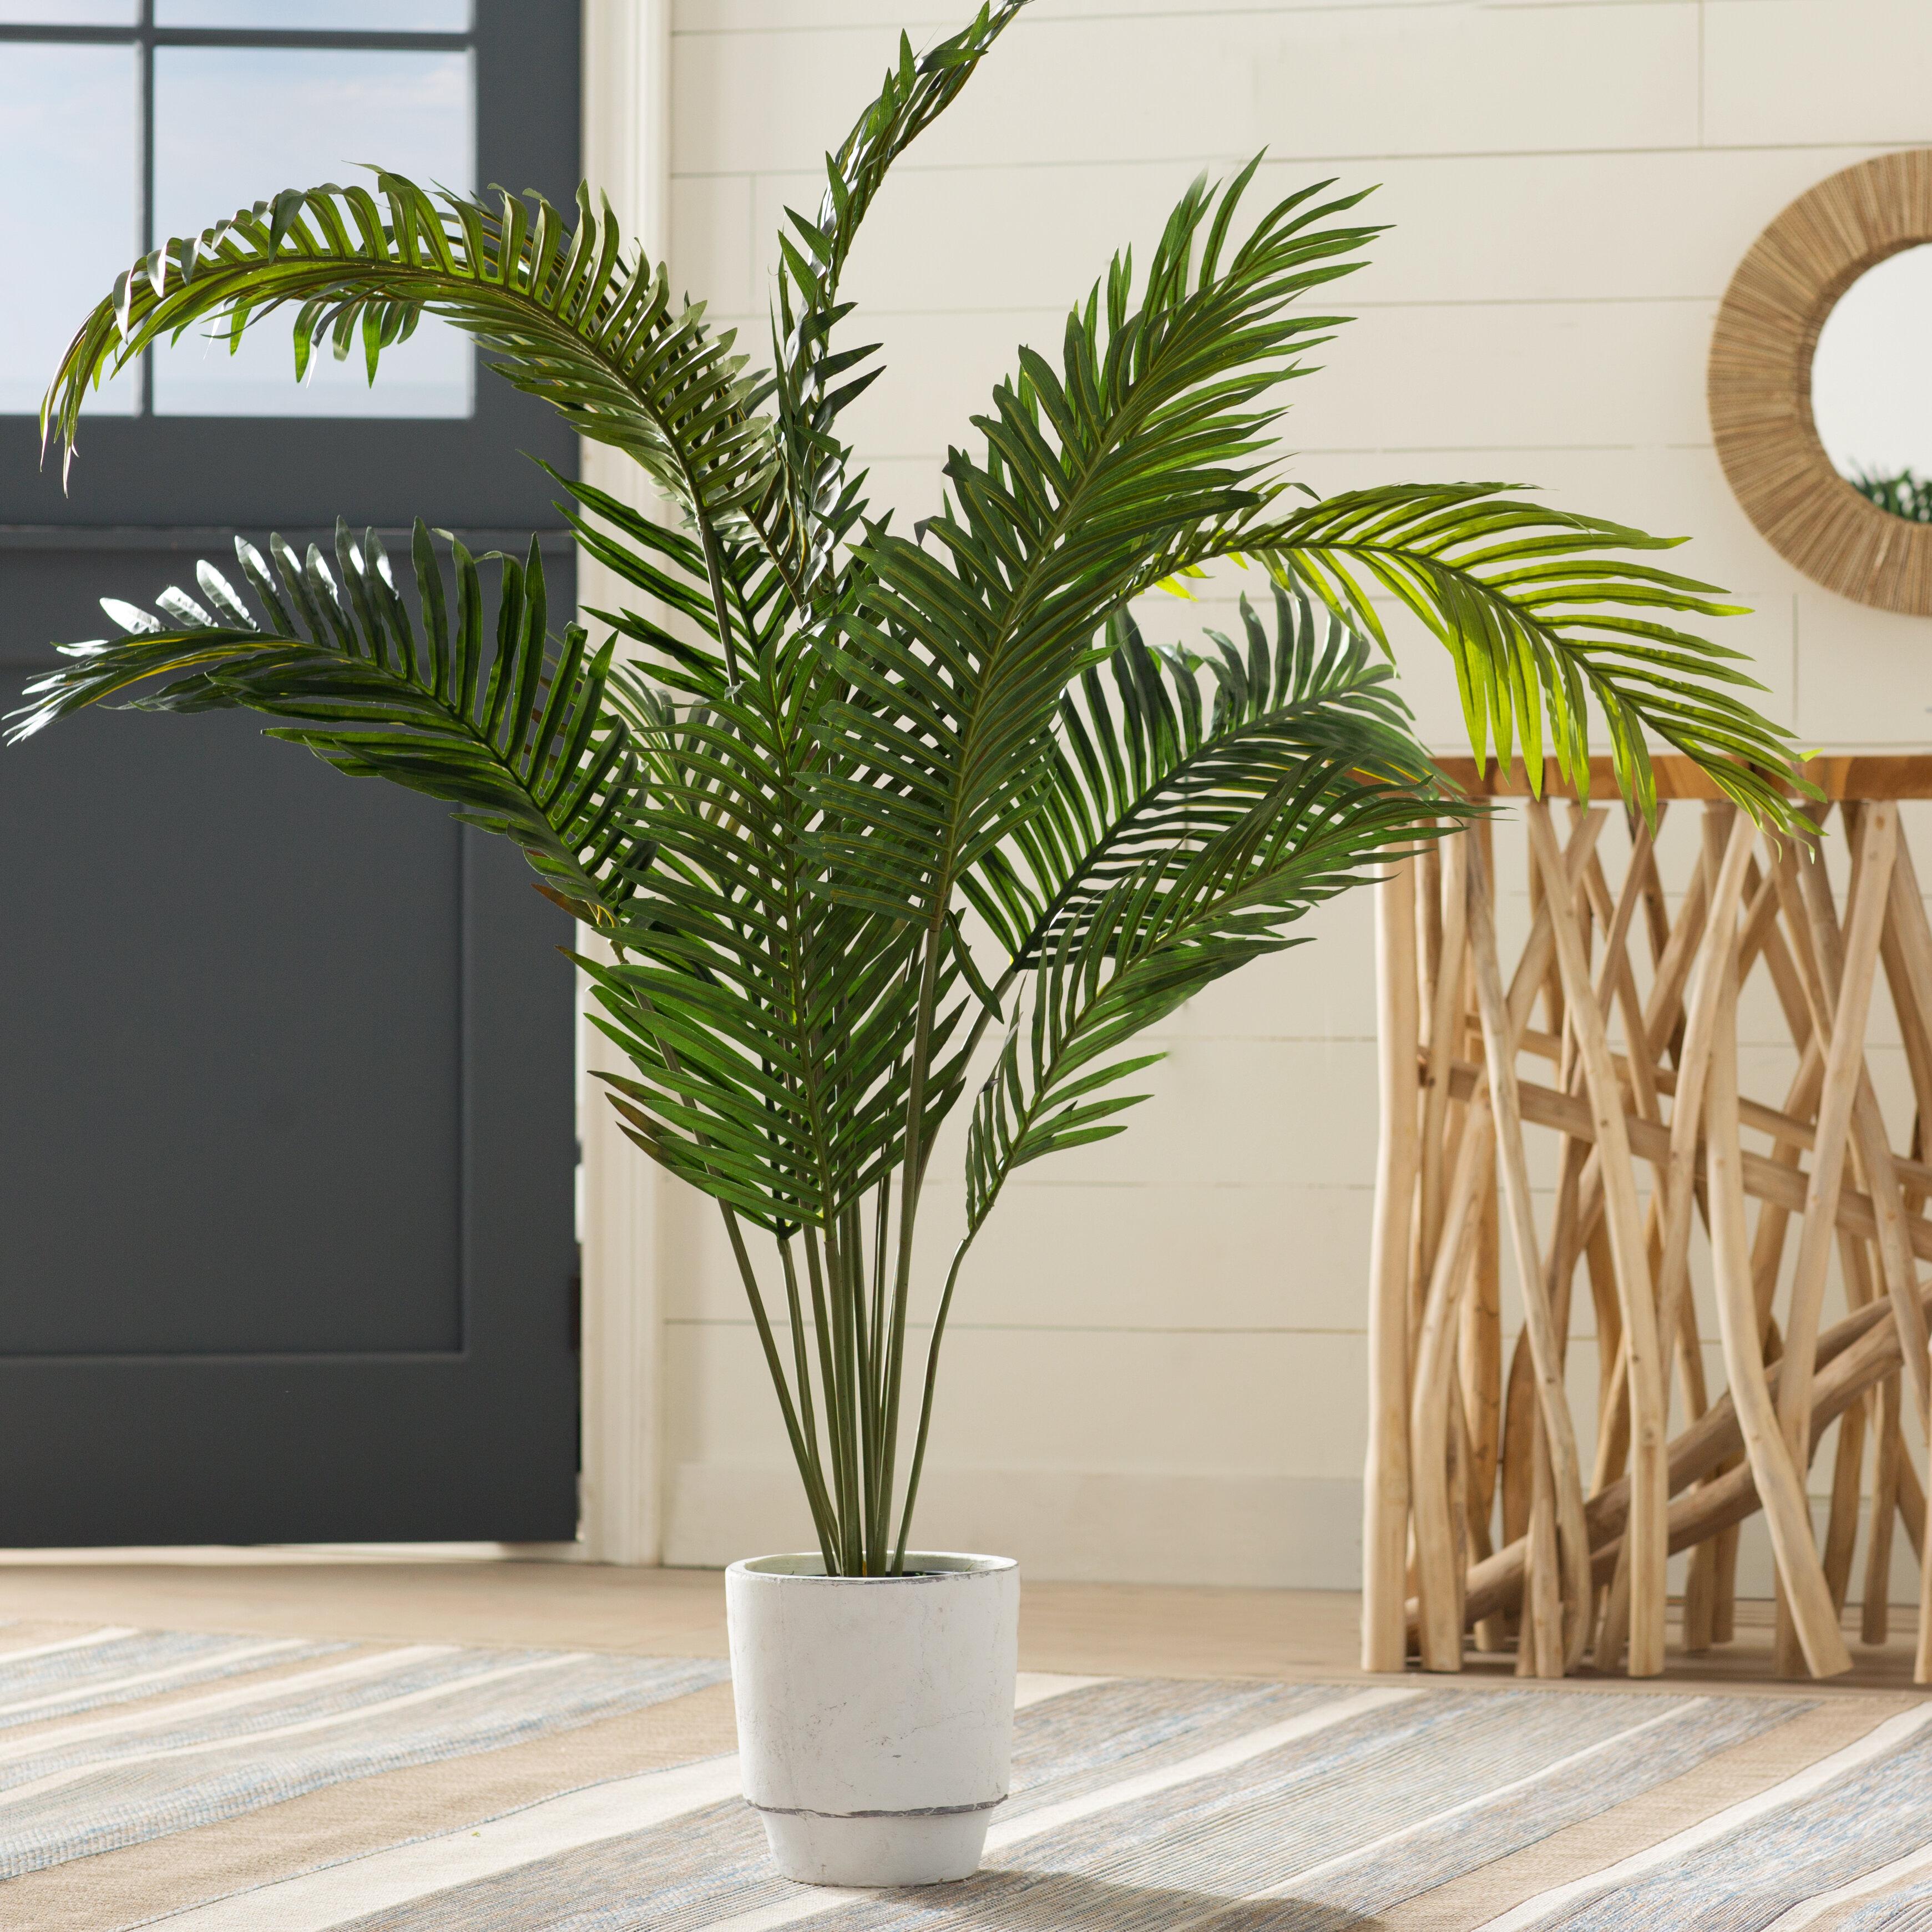 Beachcrest Home Esters 60 Artificial Palm Plant Reviews Wayfair